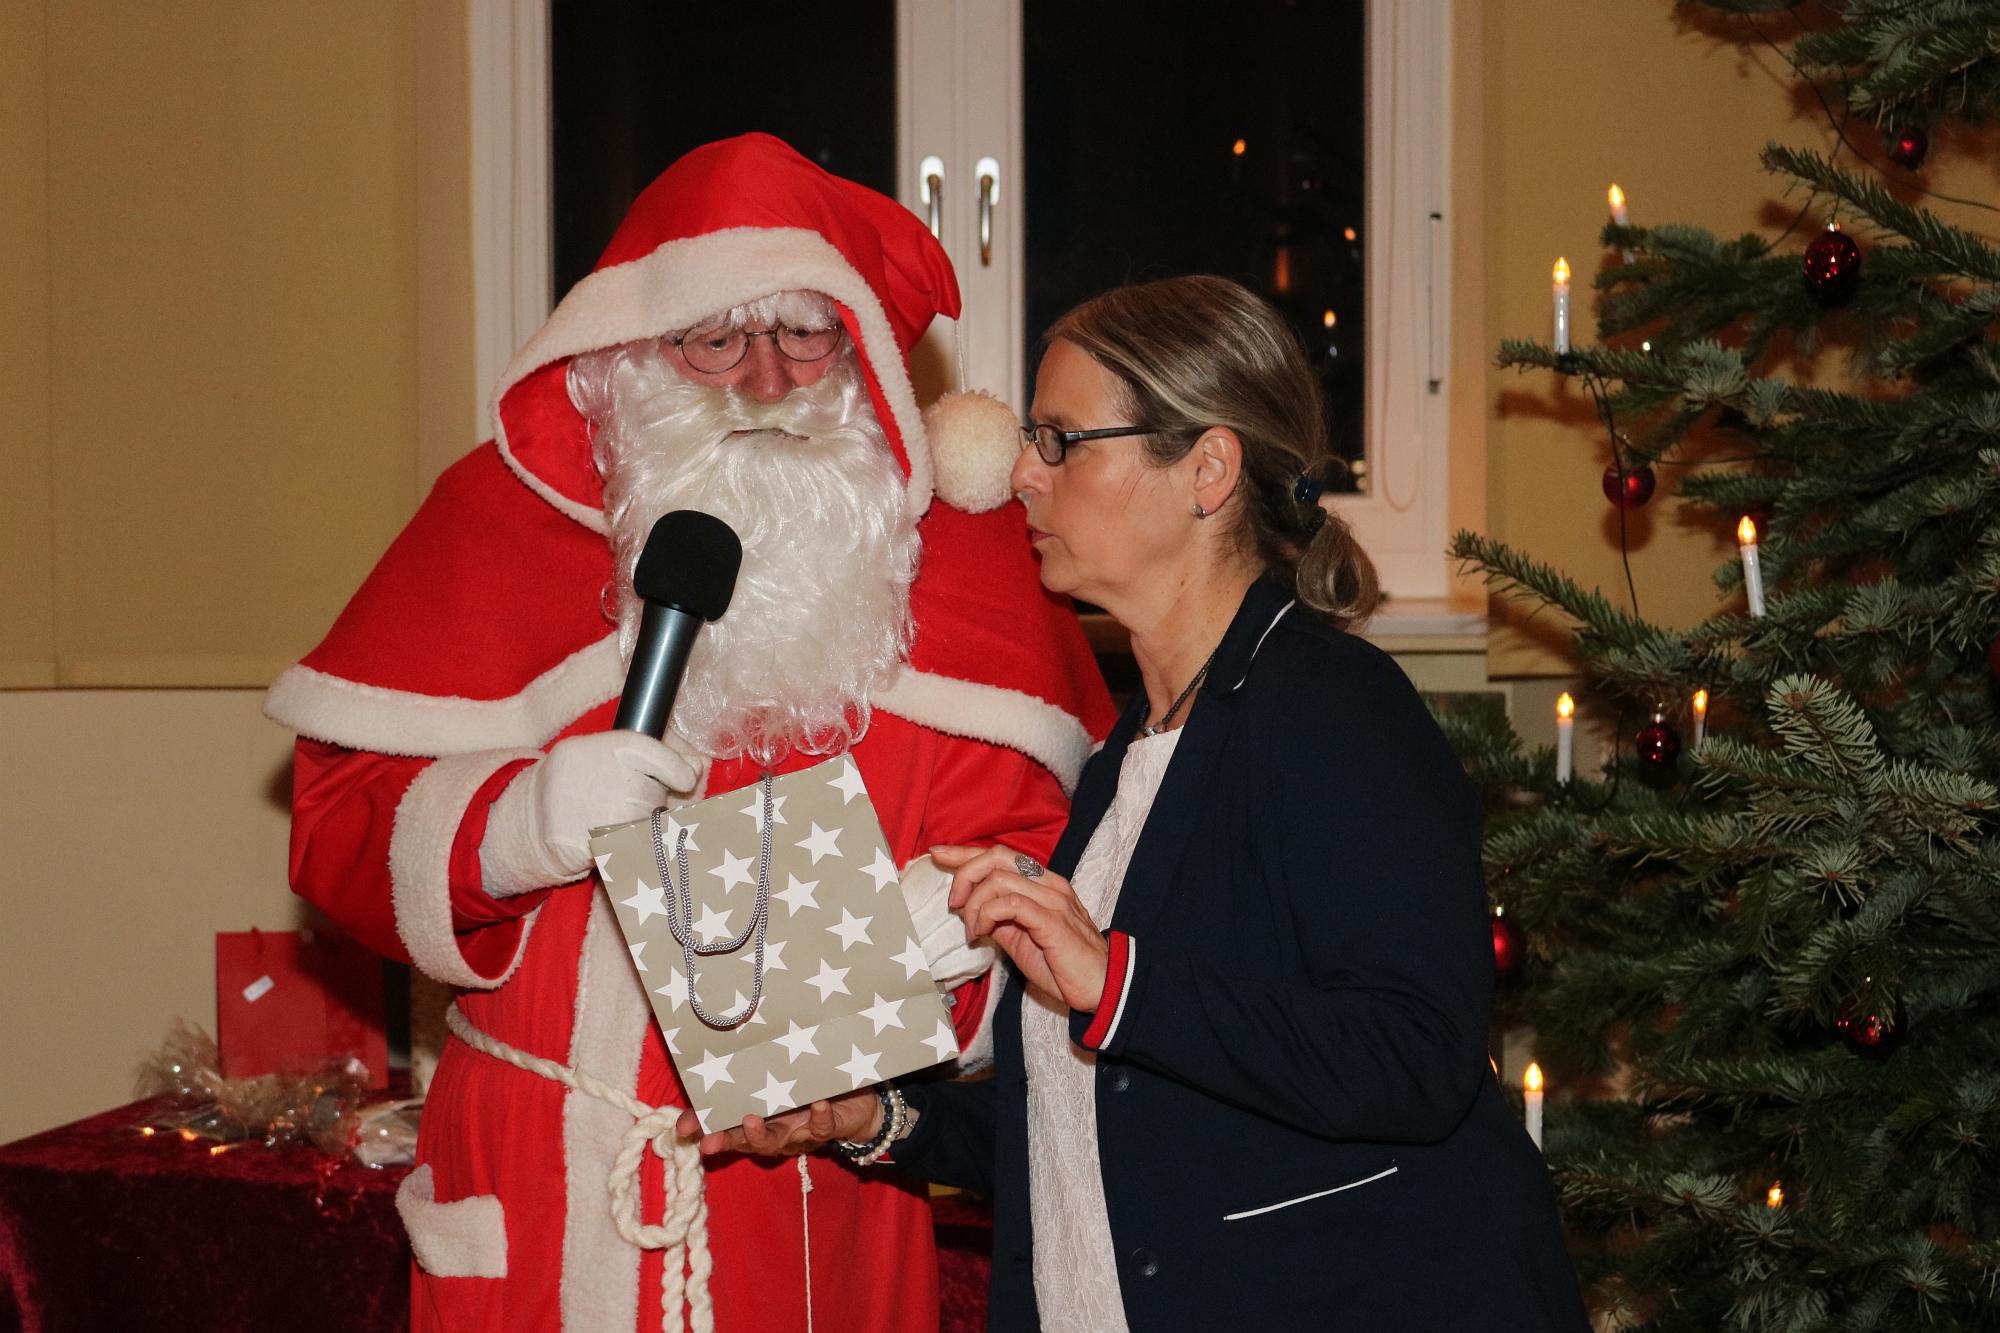 20191213 Senioren-Weihnachtsbacken Gemeinde Leck 21